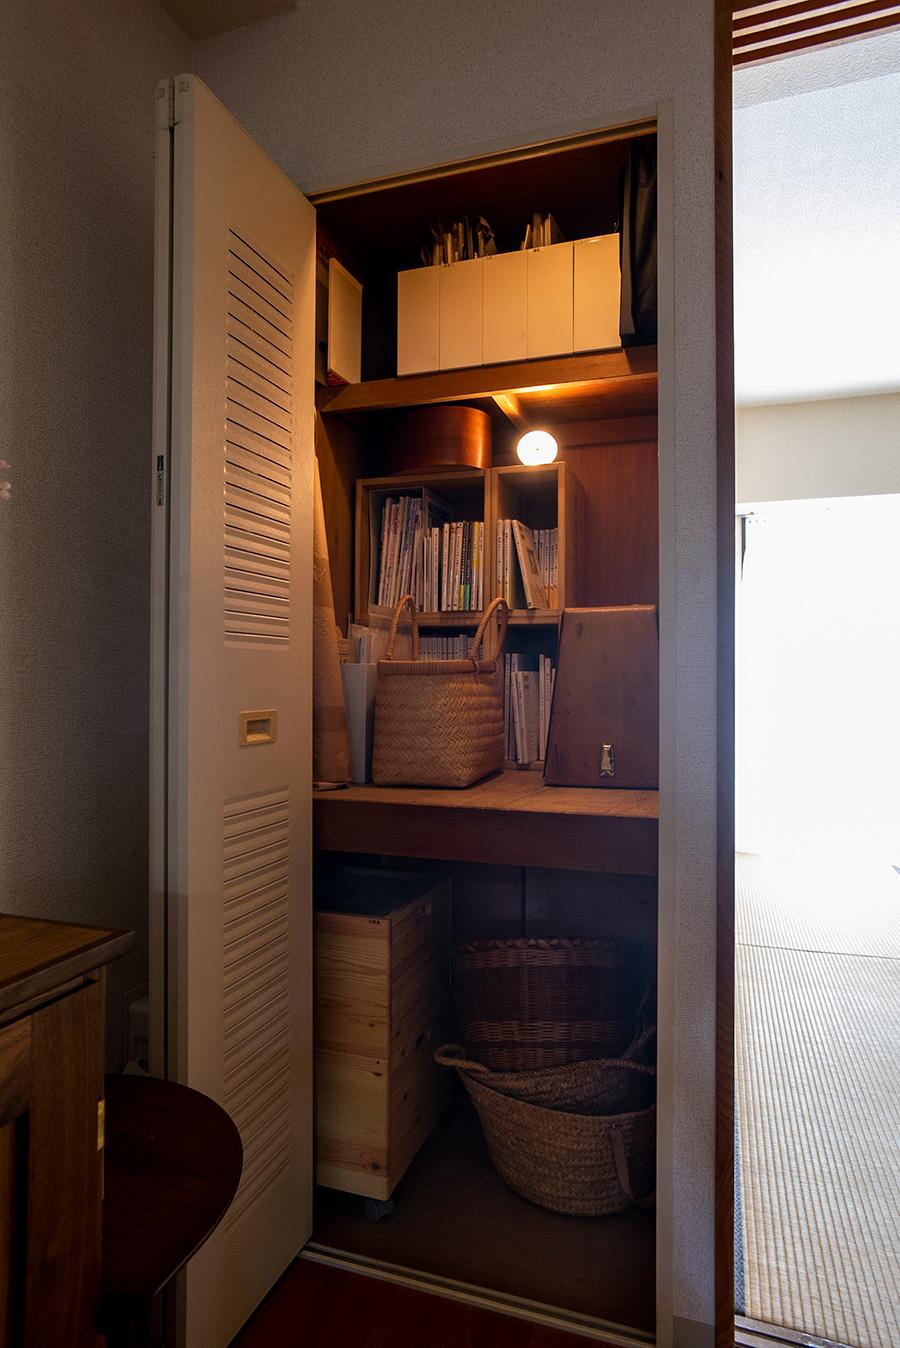 リビングの収納は開くとライトが点灯。上段に仕事関係のものを。